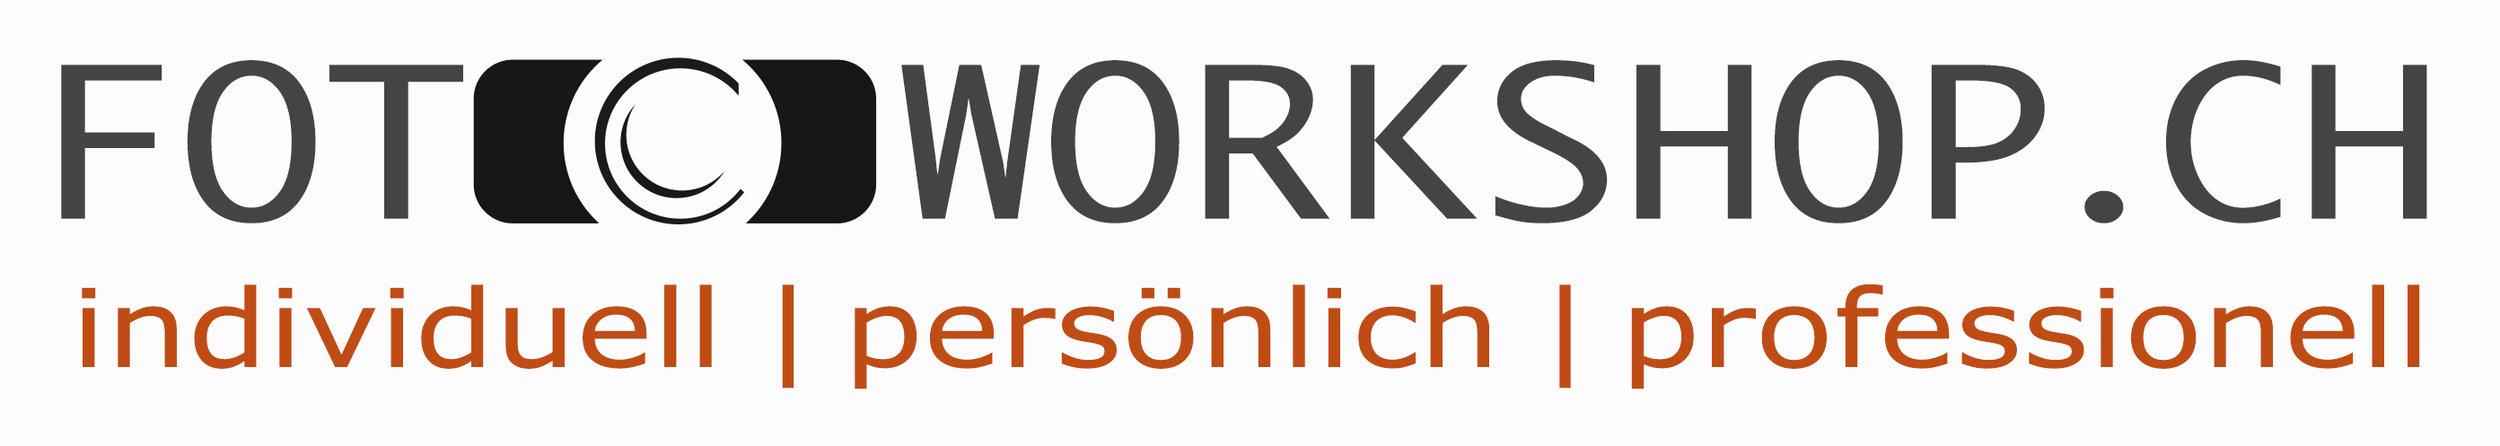 fotoworkshop_logo_neu_weiss_oktober2016_.jpg